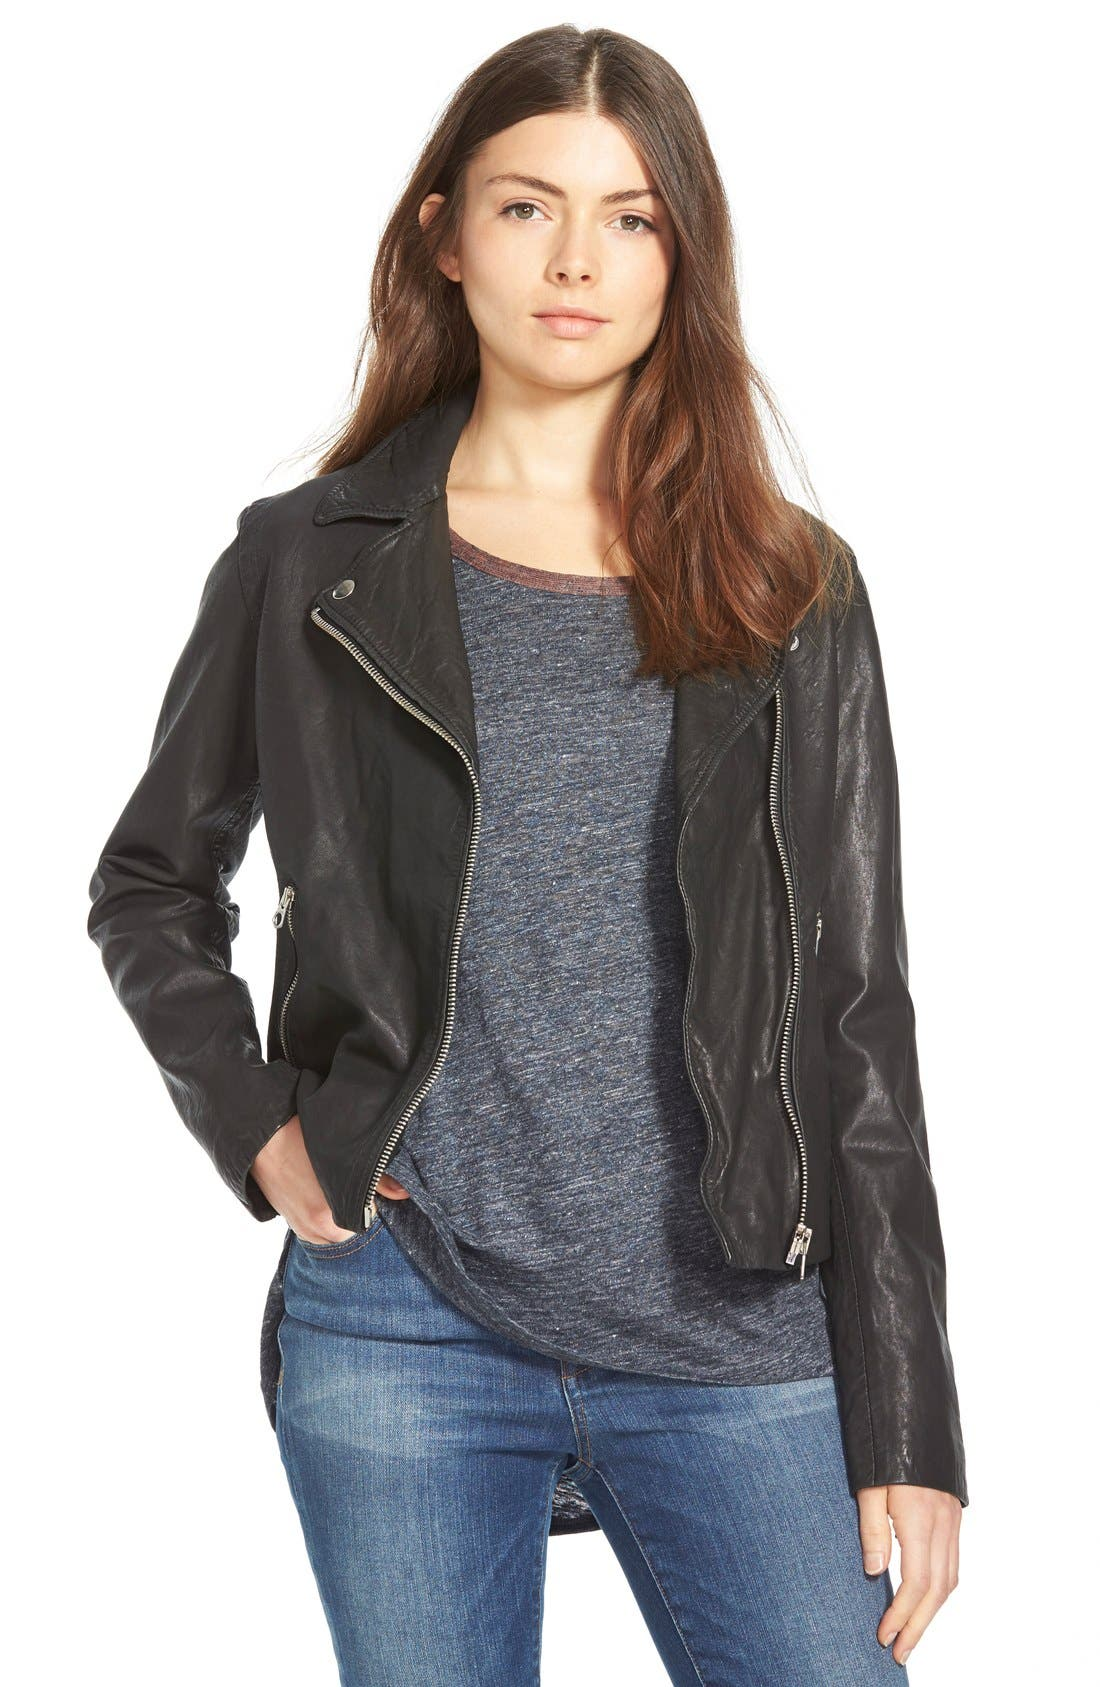 Alternate Image 1 Selected - Madewell Washed Leather Moto Jacket